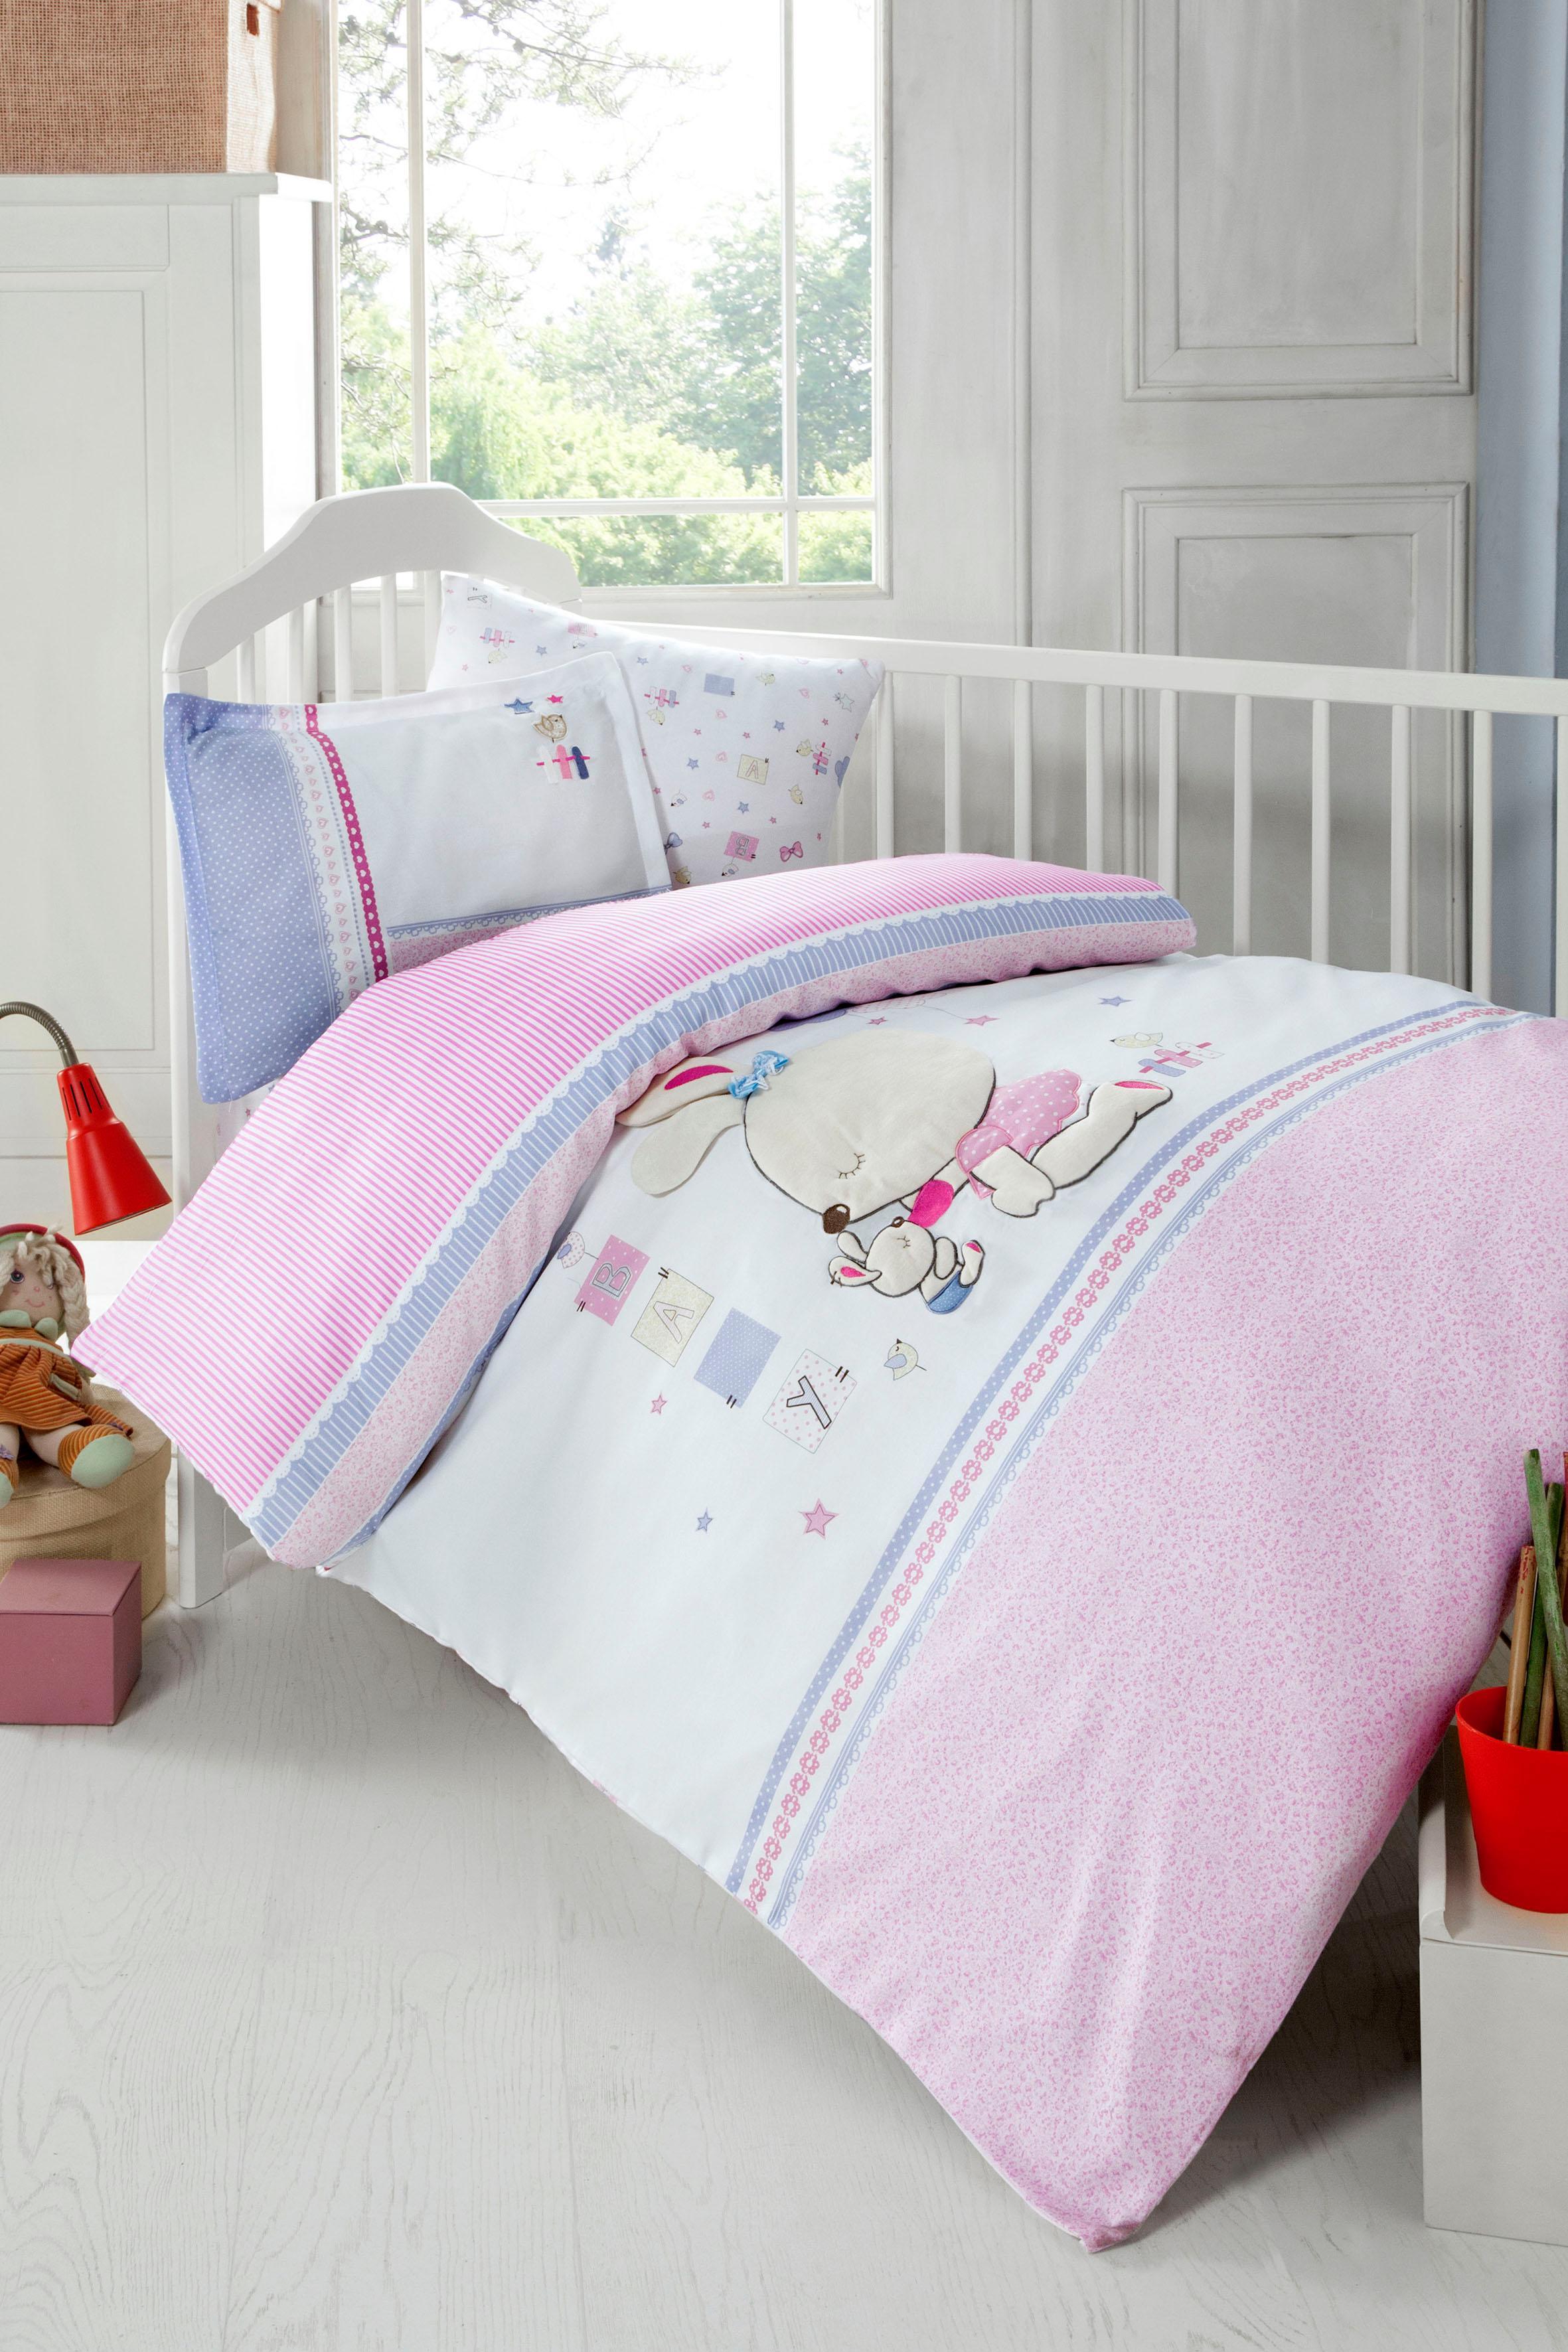 Babybettwäsche Minni SEI Design | Kinderzimmer > Textilien für Kinder > Kinderbettwäsche | Rosa | Sei Design